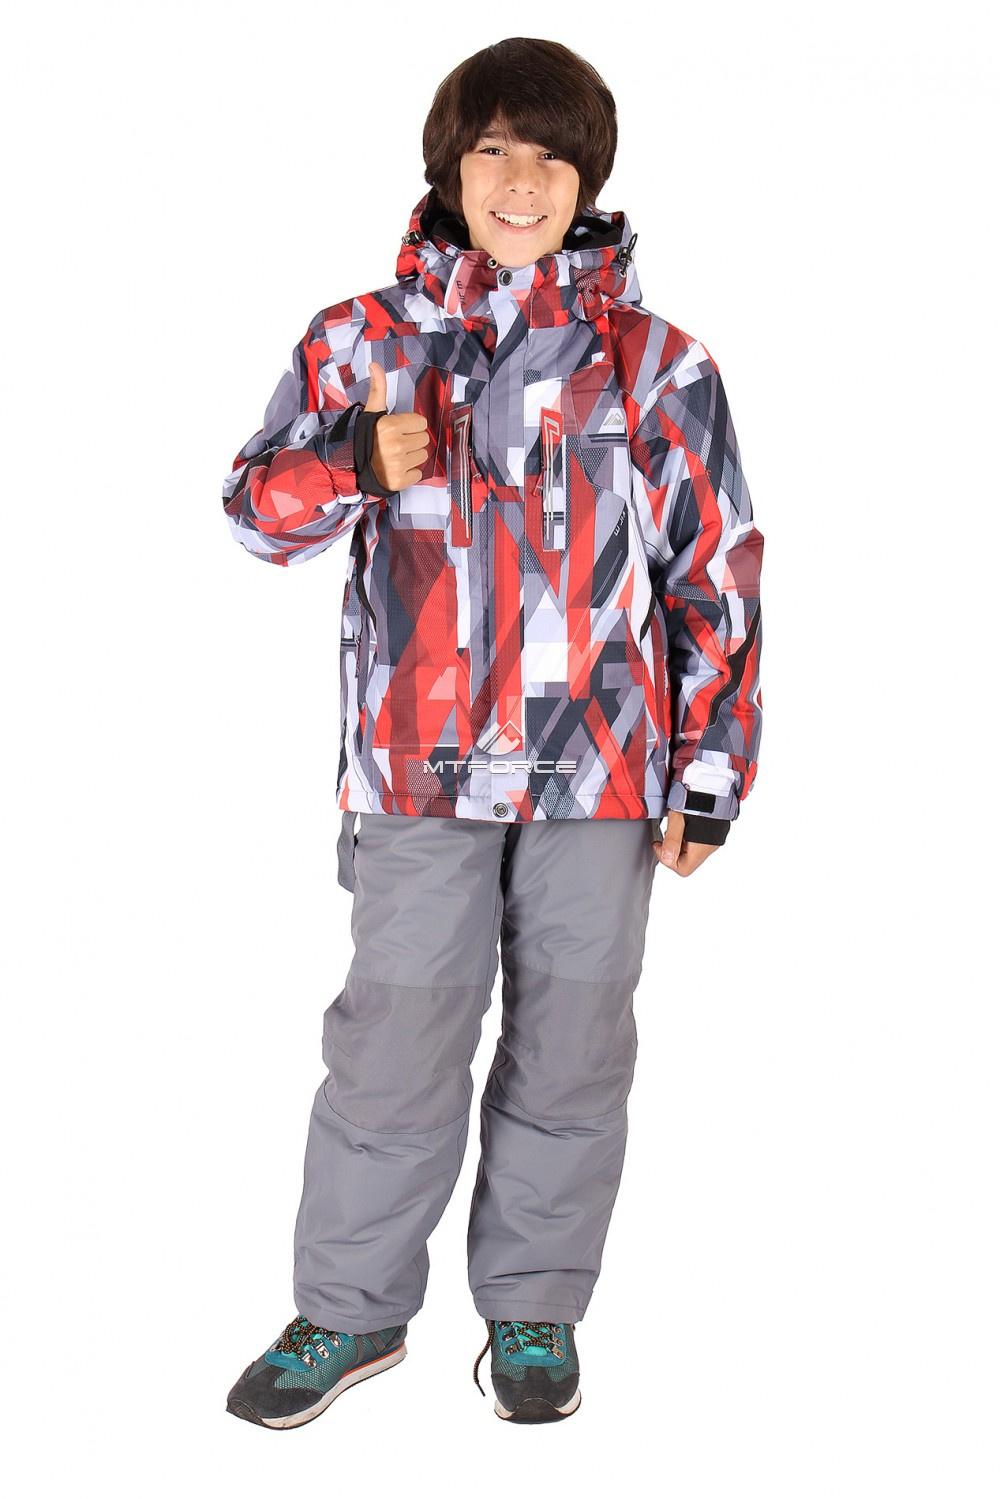 Купить оптом Костюм горнолыжный  для мальчика красного  цвета 424Kr в Ростове-на-Дону